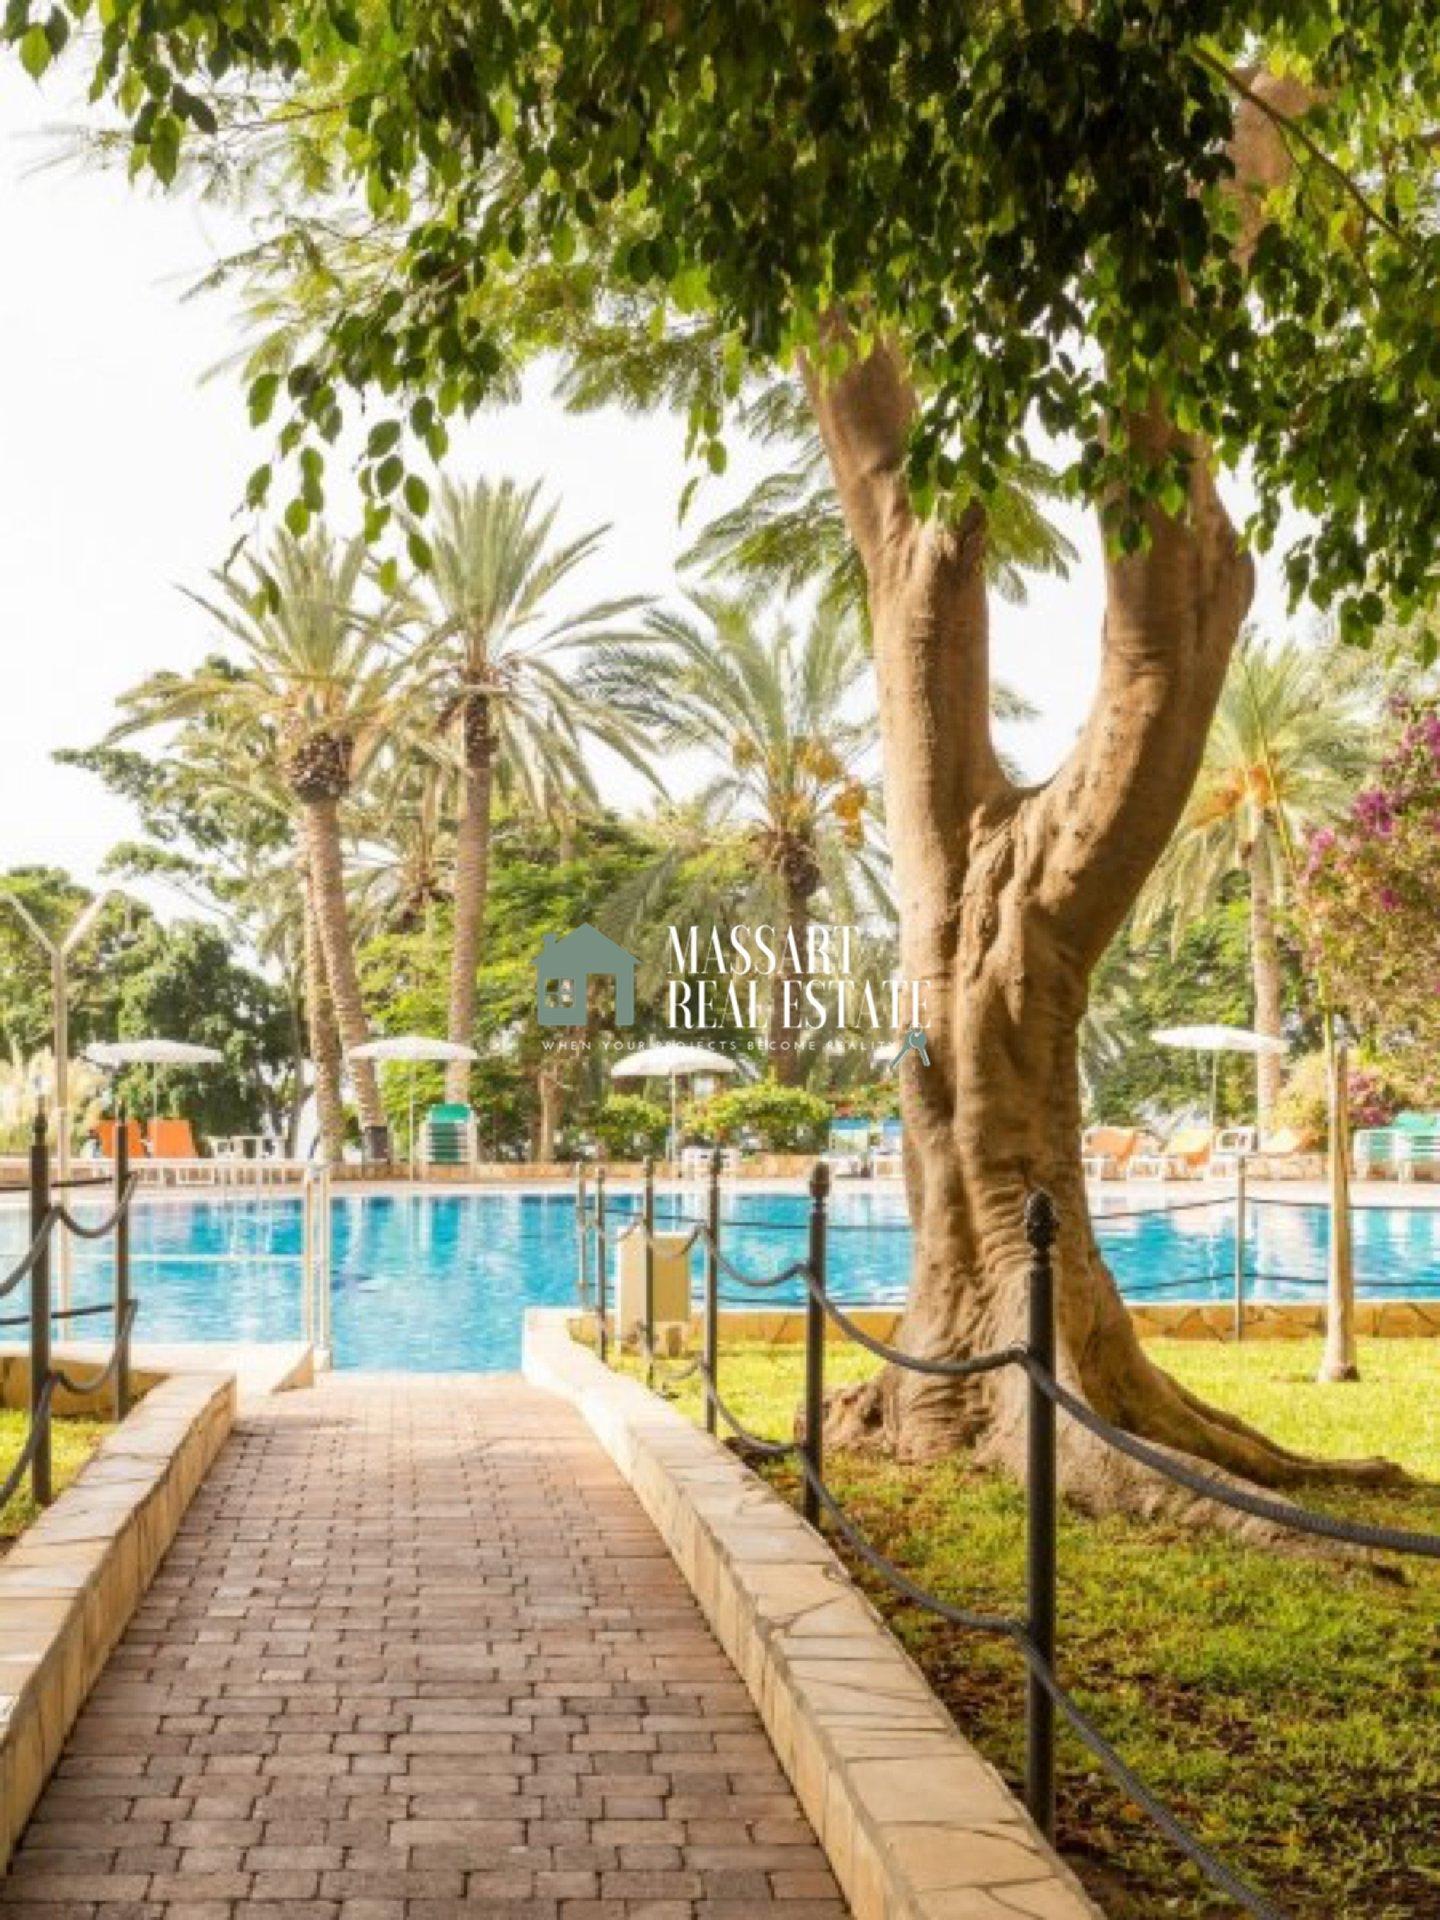 En alquiler en Adeje, en el residencial Marazul, apartamento de unos 35 m2 caracterizado por su funcionalidad…¡con todo lo necesario para gozar de una vida tranquila!